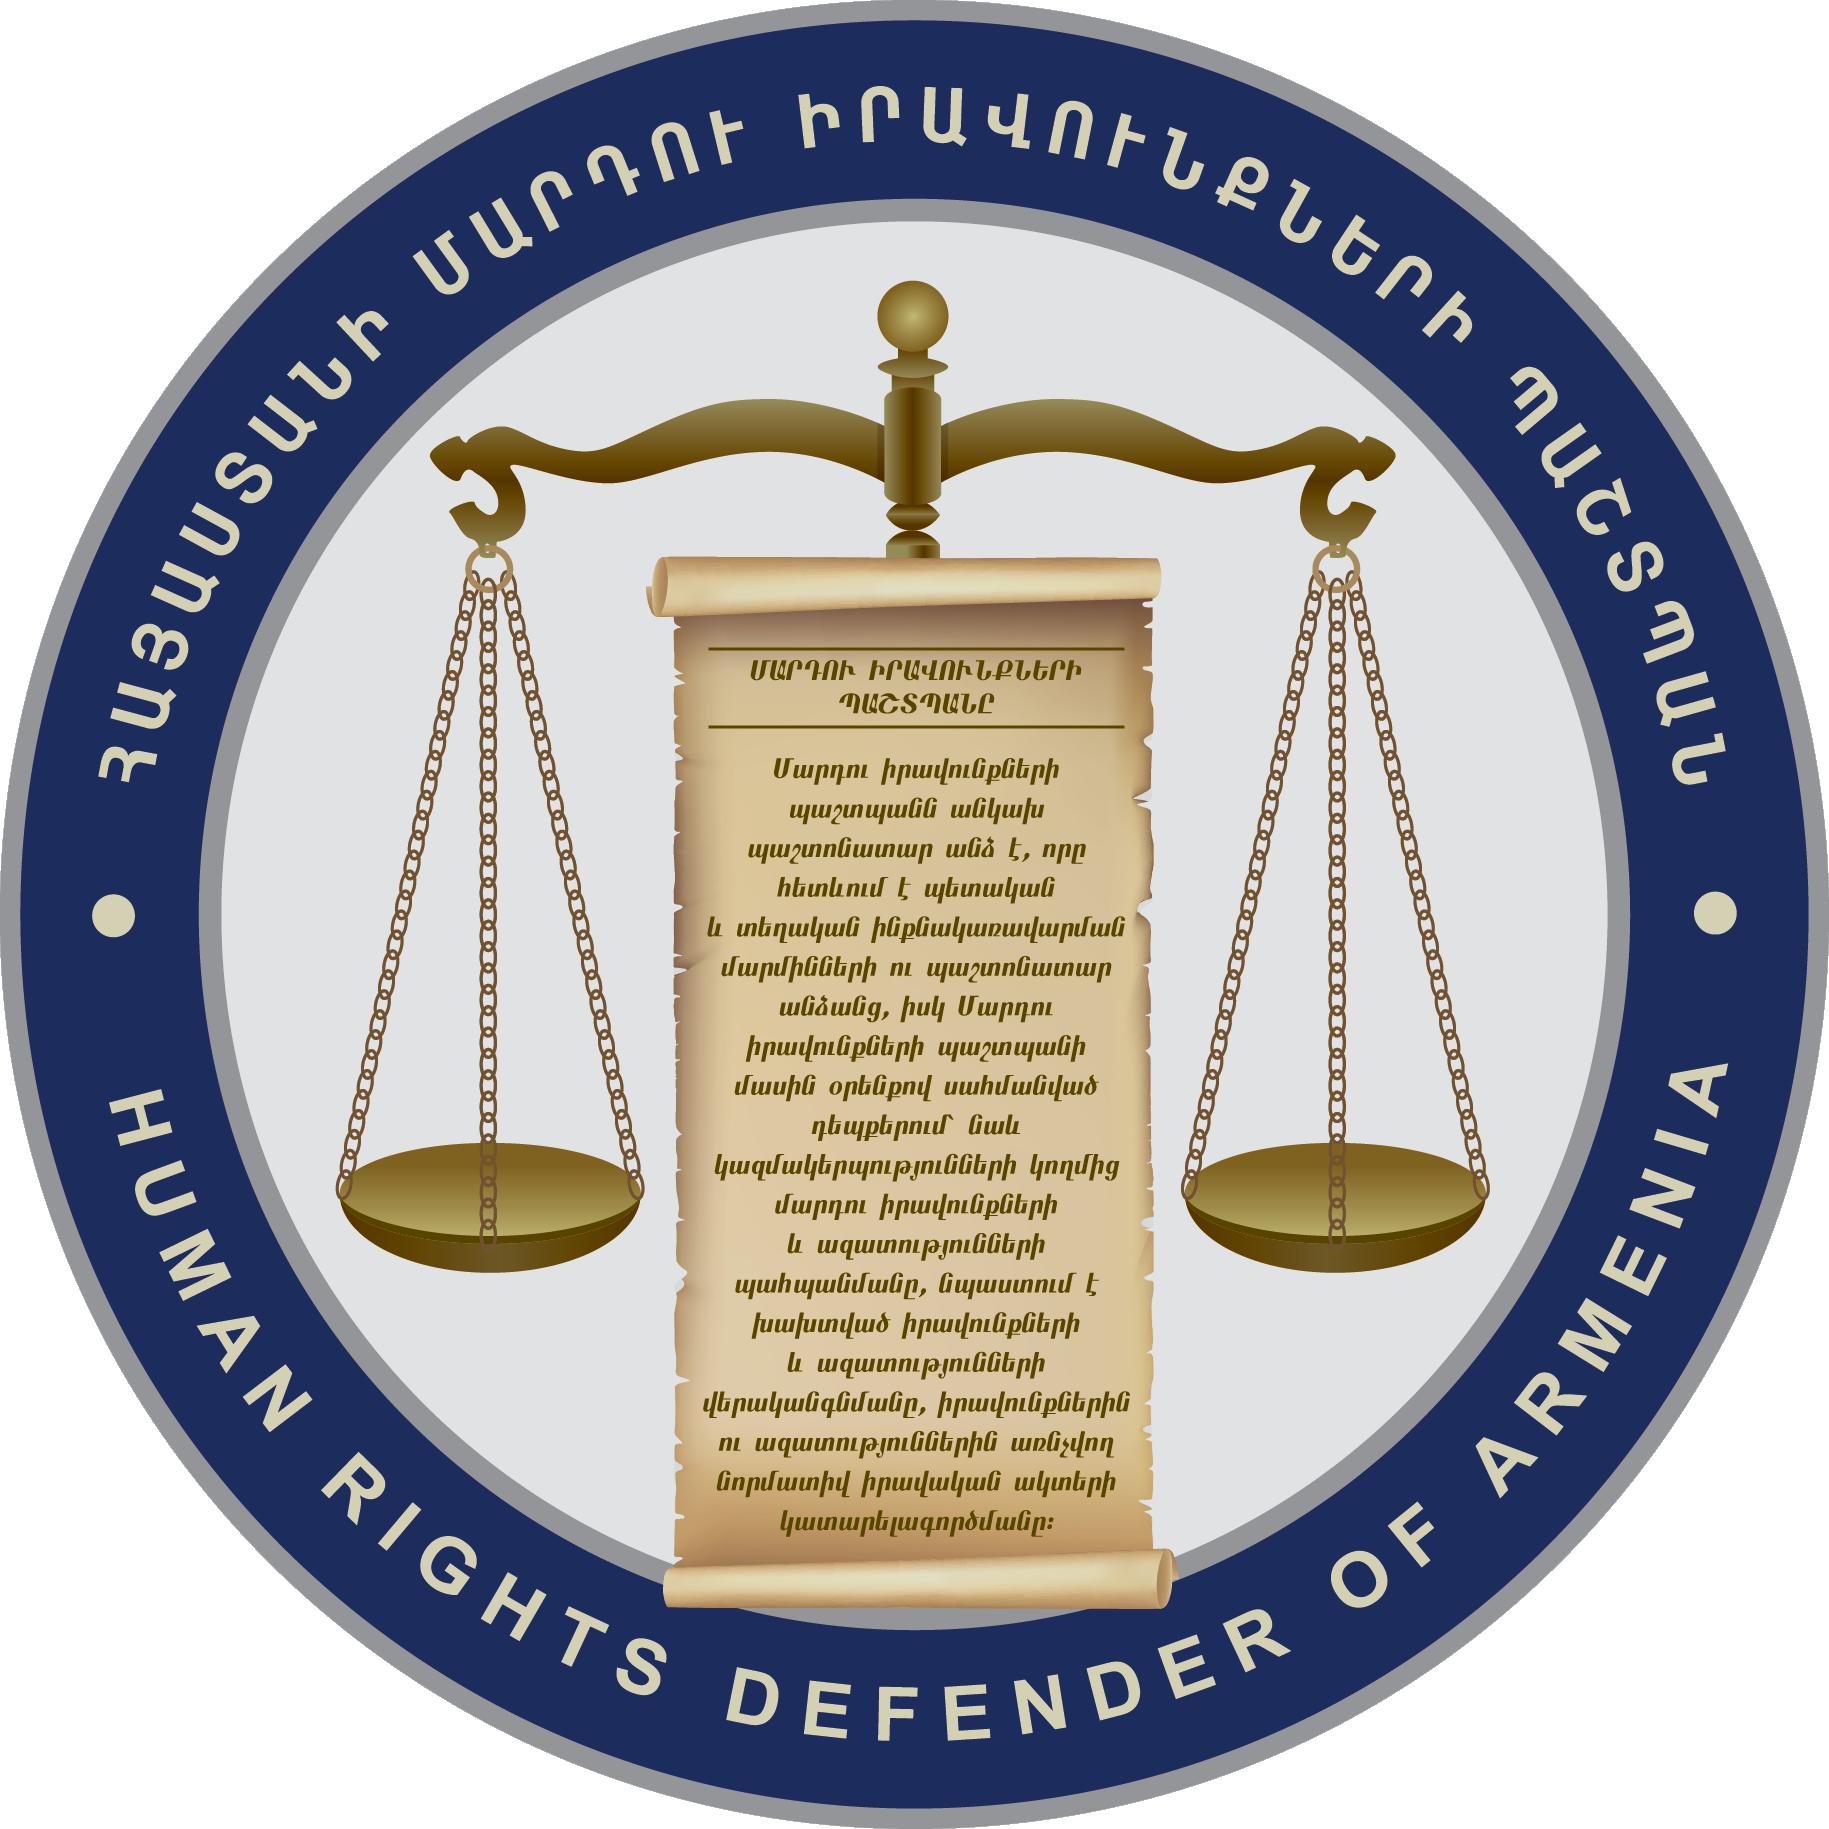 Մարդու իրավունքների պաշտպան ՄԻՊ